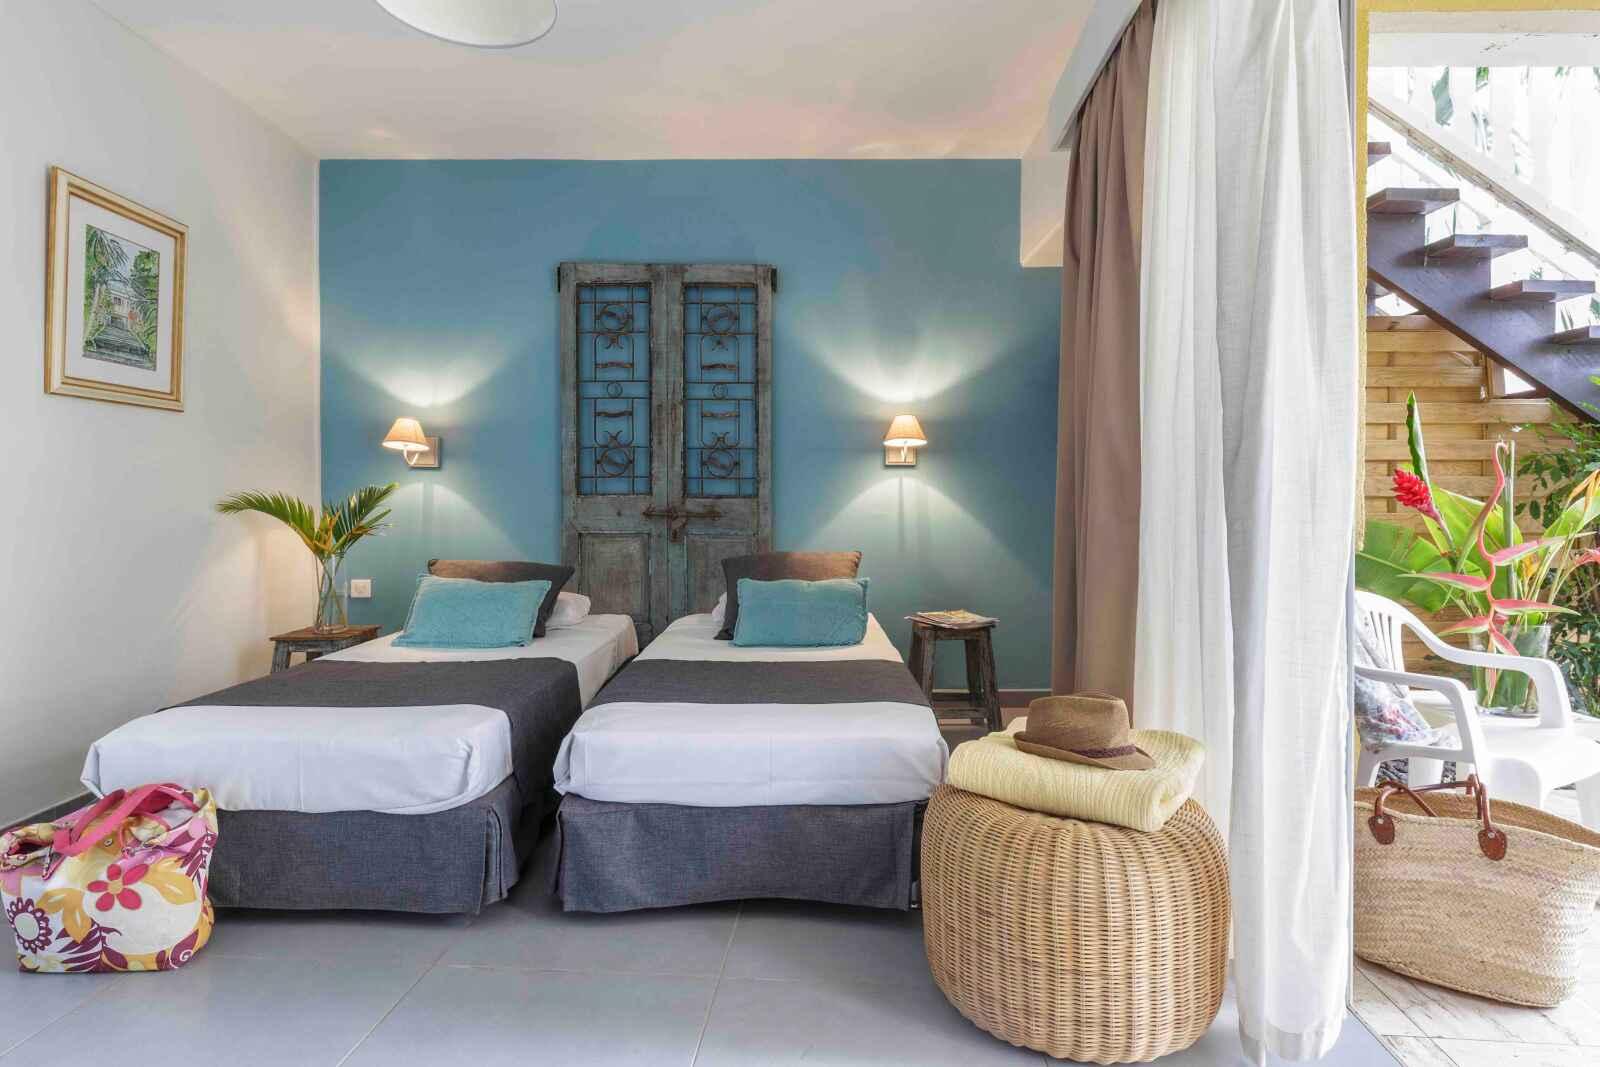 Réunion - Ermitage Boutik Hôtel 3*